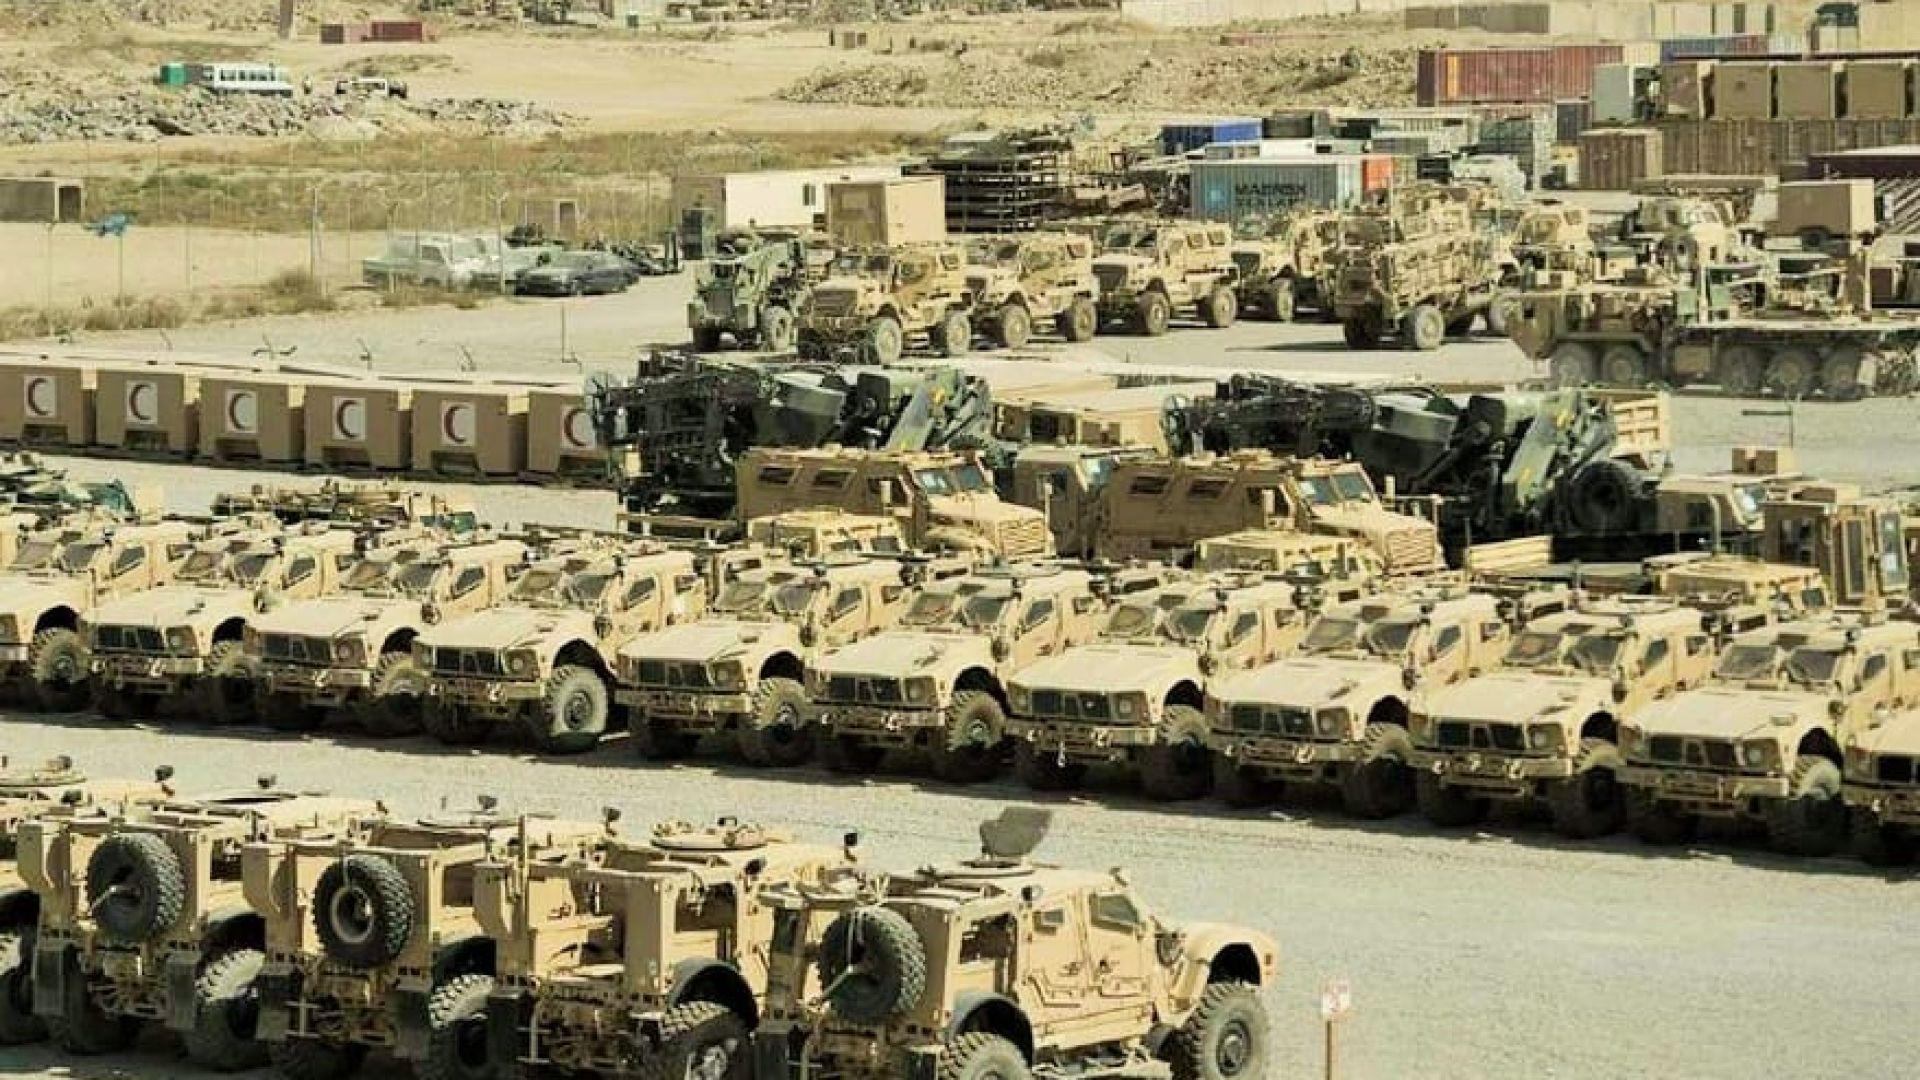 Талибаните вече разполагат с вушителен парк от пленена лека бронирана техника